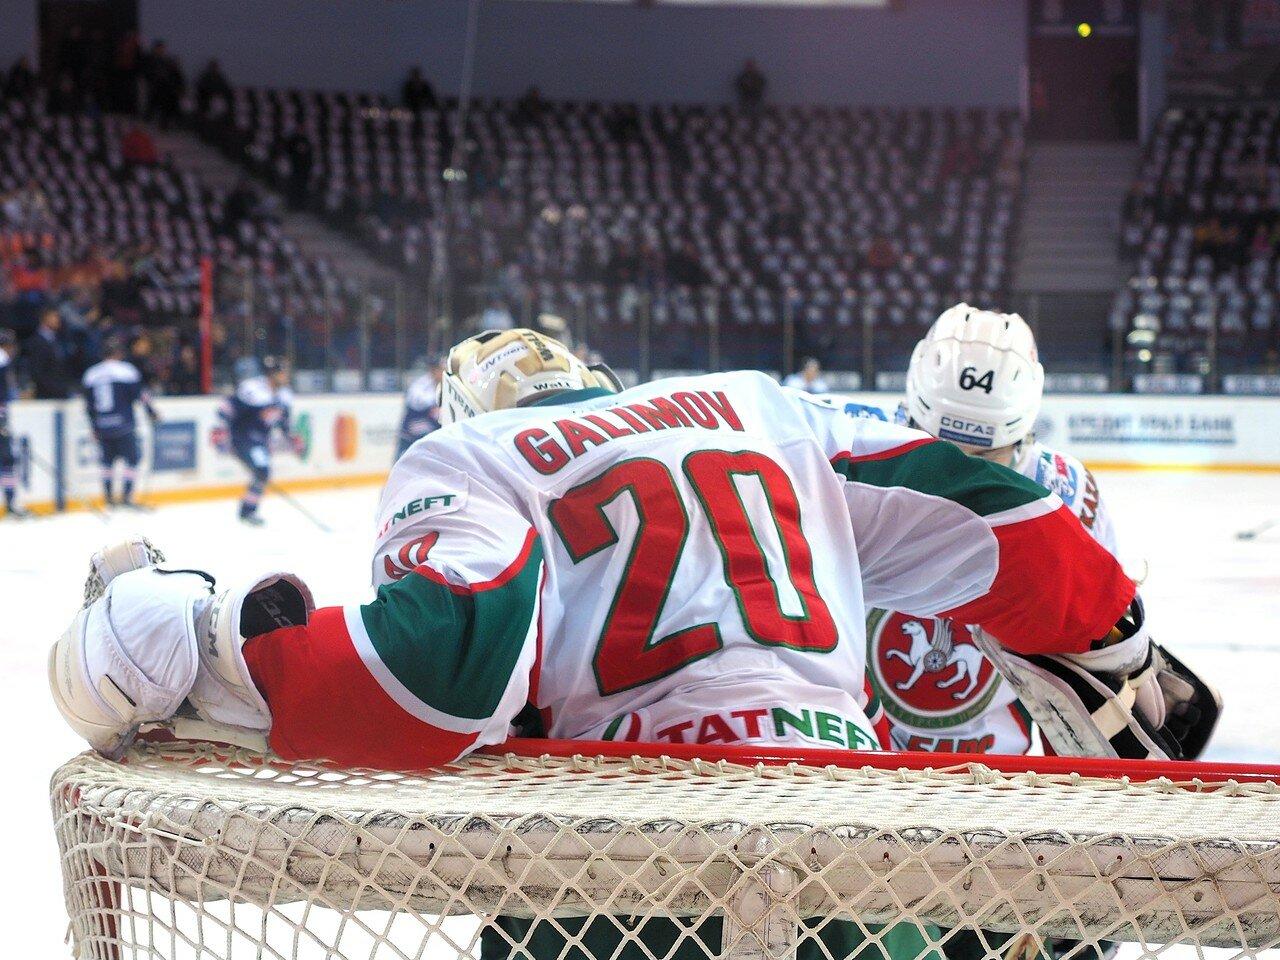 15 Первая игра финала плей-офф восточной конференции 2017 Металлург - АкБарс 24.03.2017